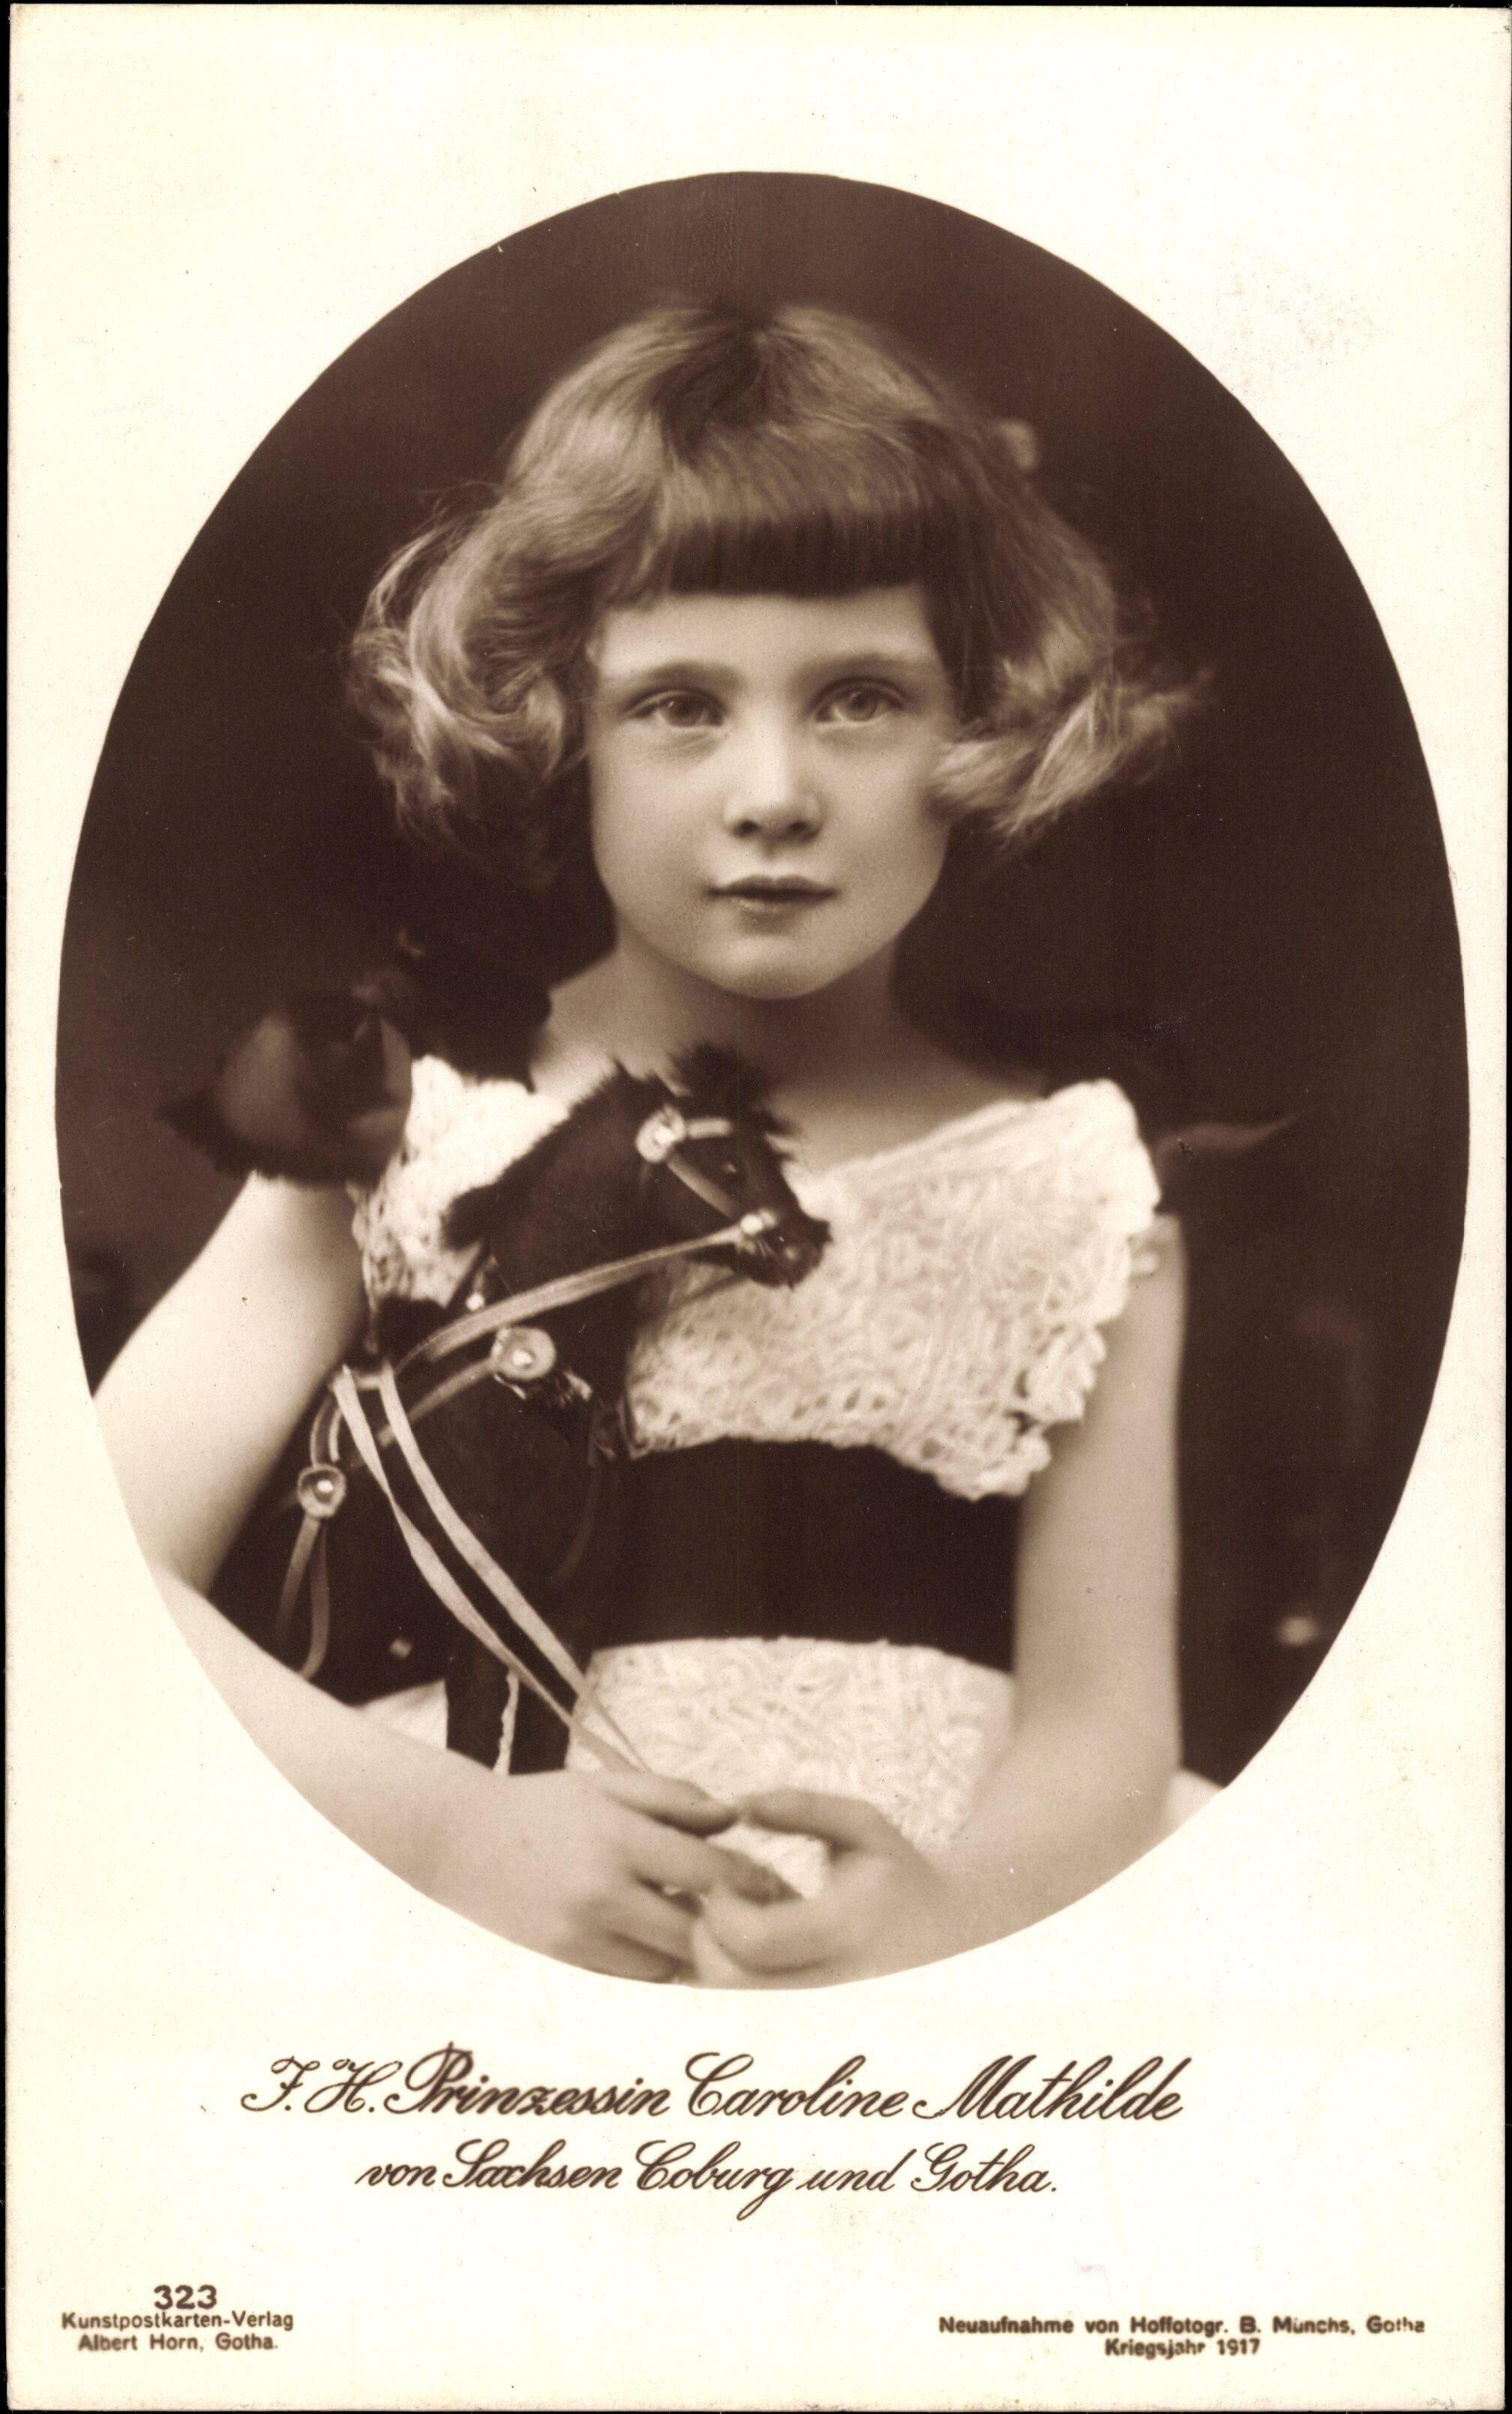 Prinzessin Caroline Mathilde wurde als Kind von ihrem Vater missbraucht. © imago images / Arkivi